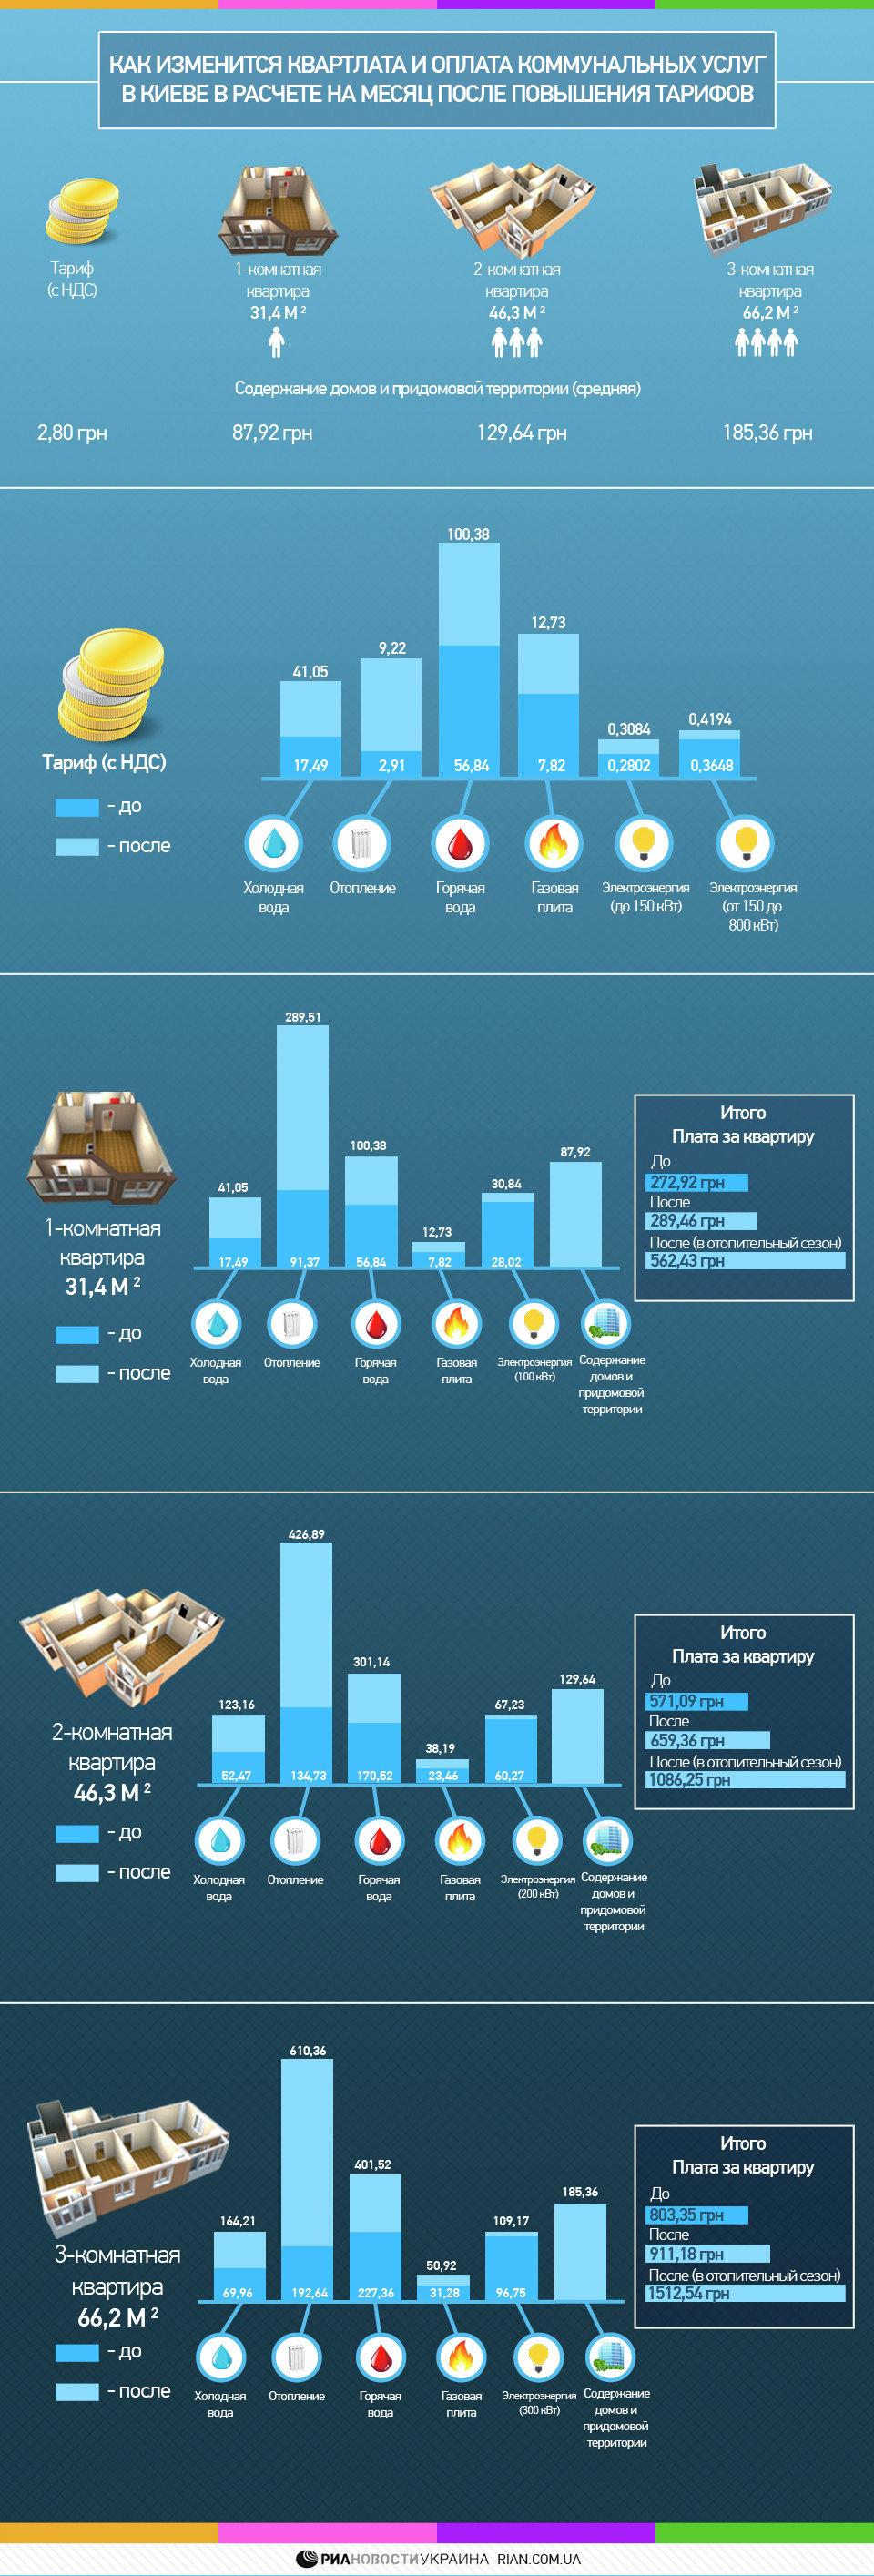 Тарифы на все жилищно-коммунальные услуги в Киеве. Инфографика.